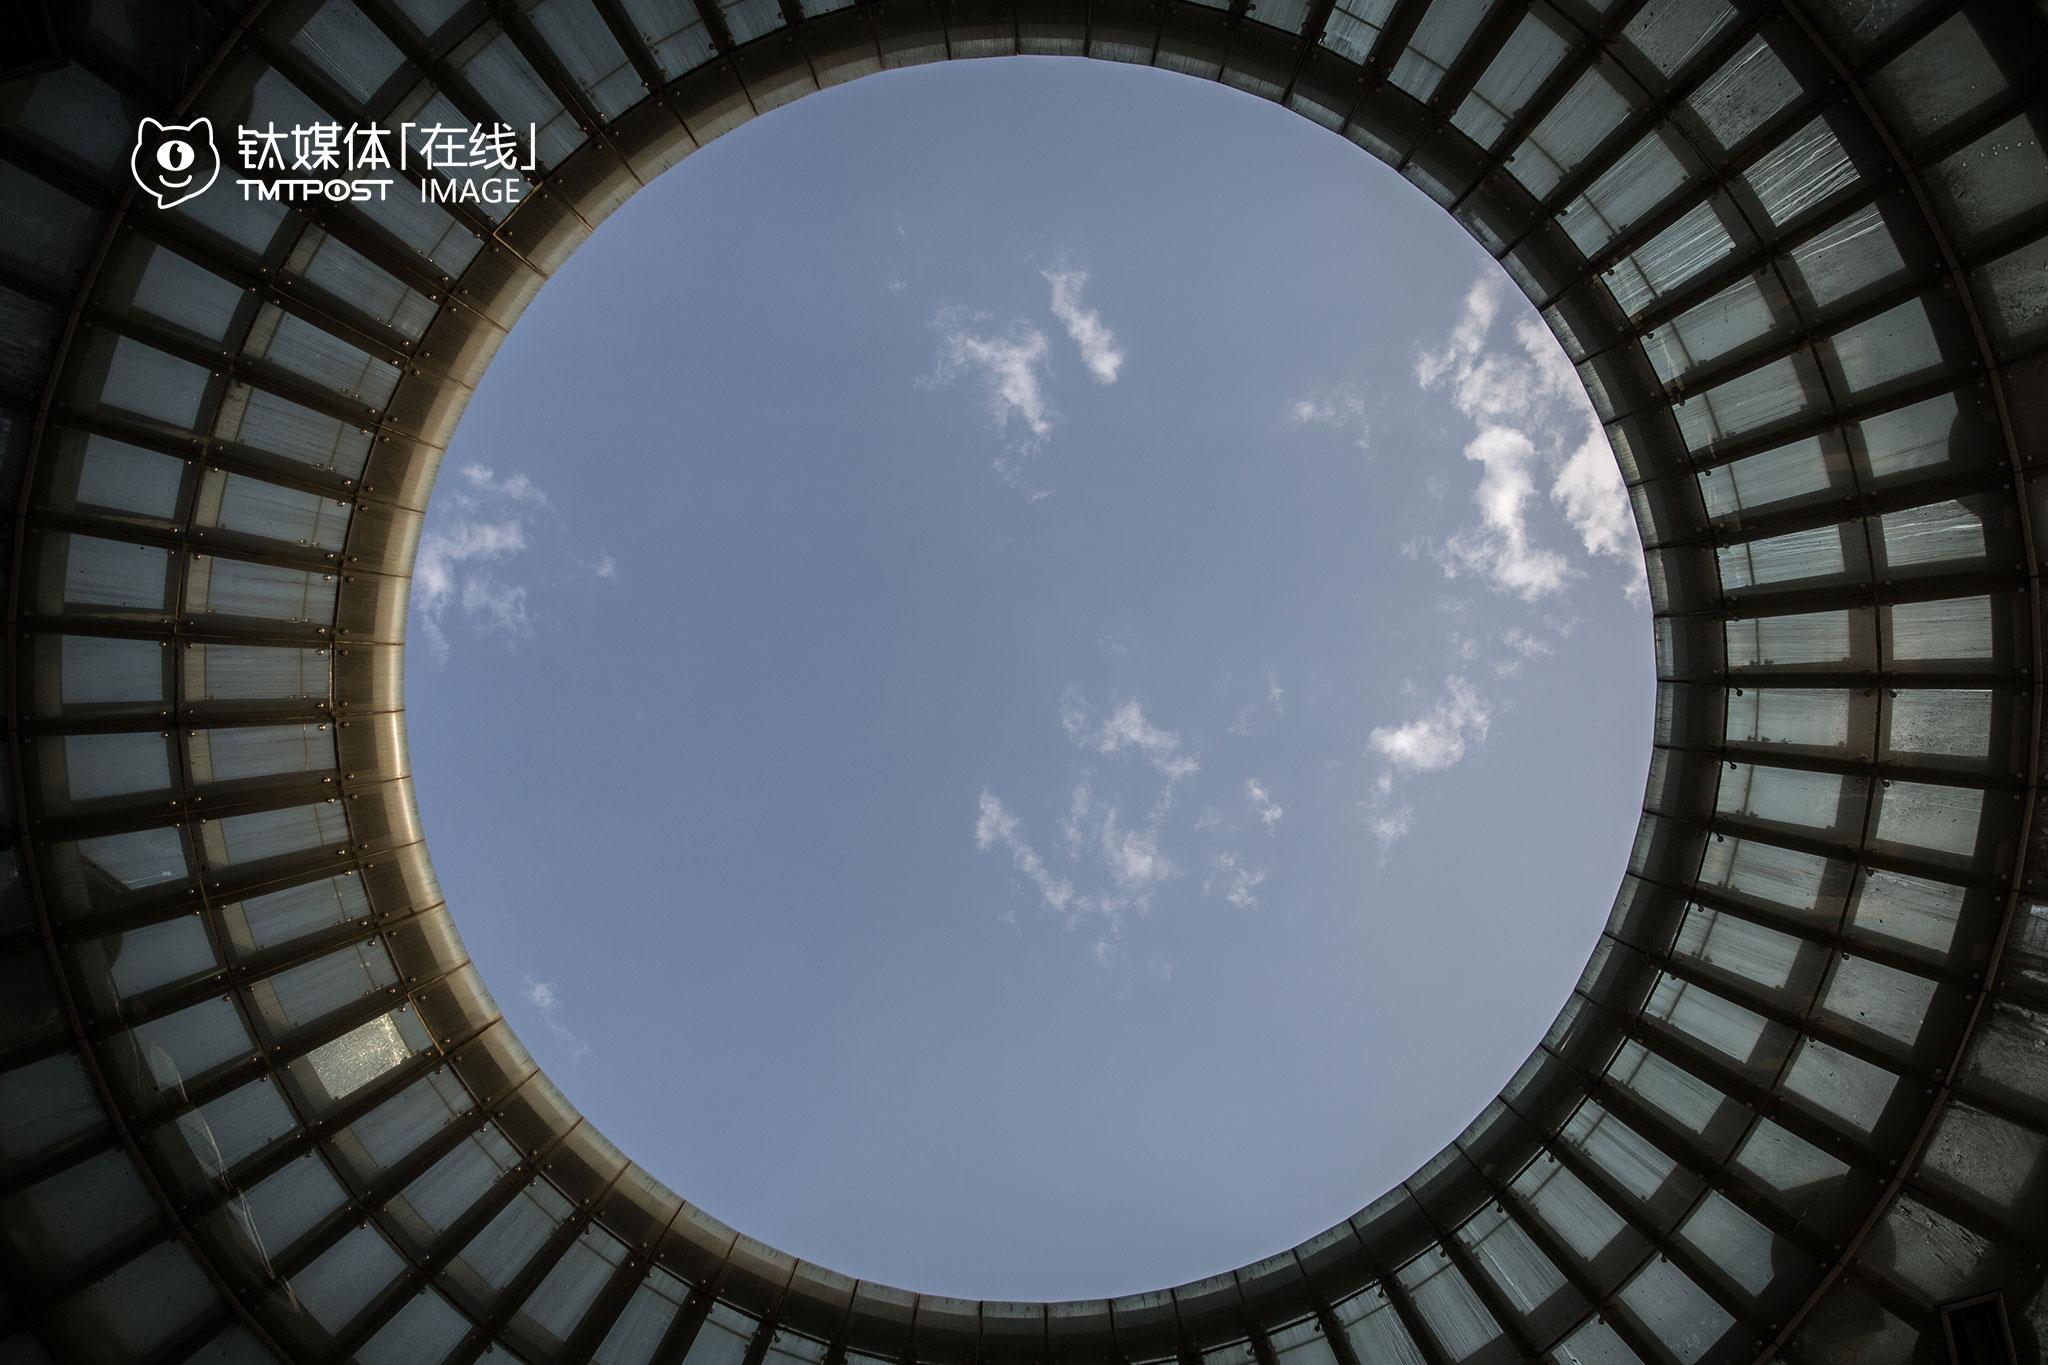 云基地的标志性建筑,宛如一个人们想象中的UFO。